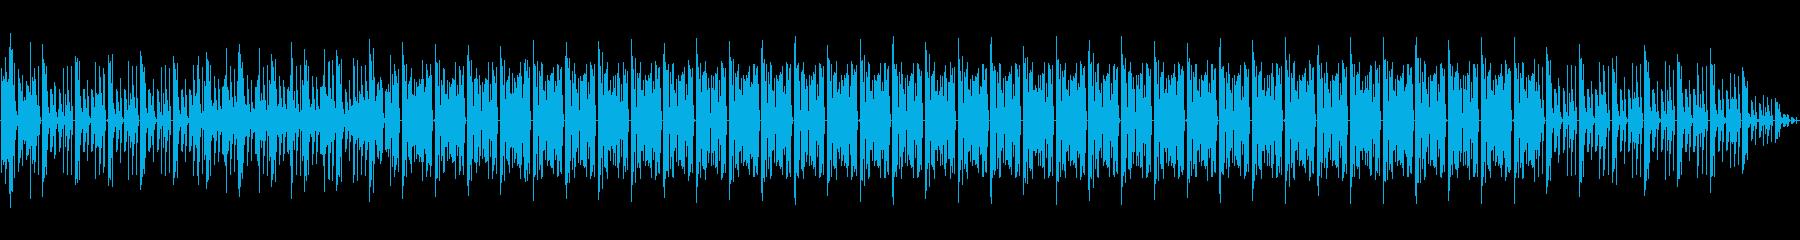 テクノ、ファンキーの再生済みの波形